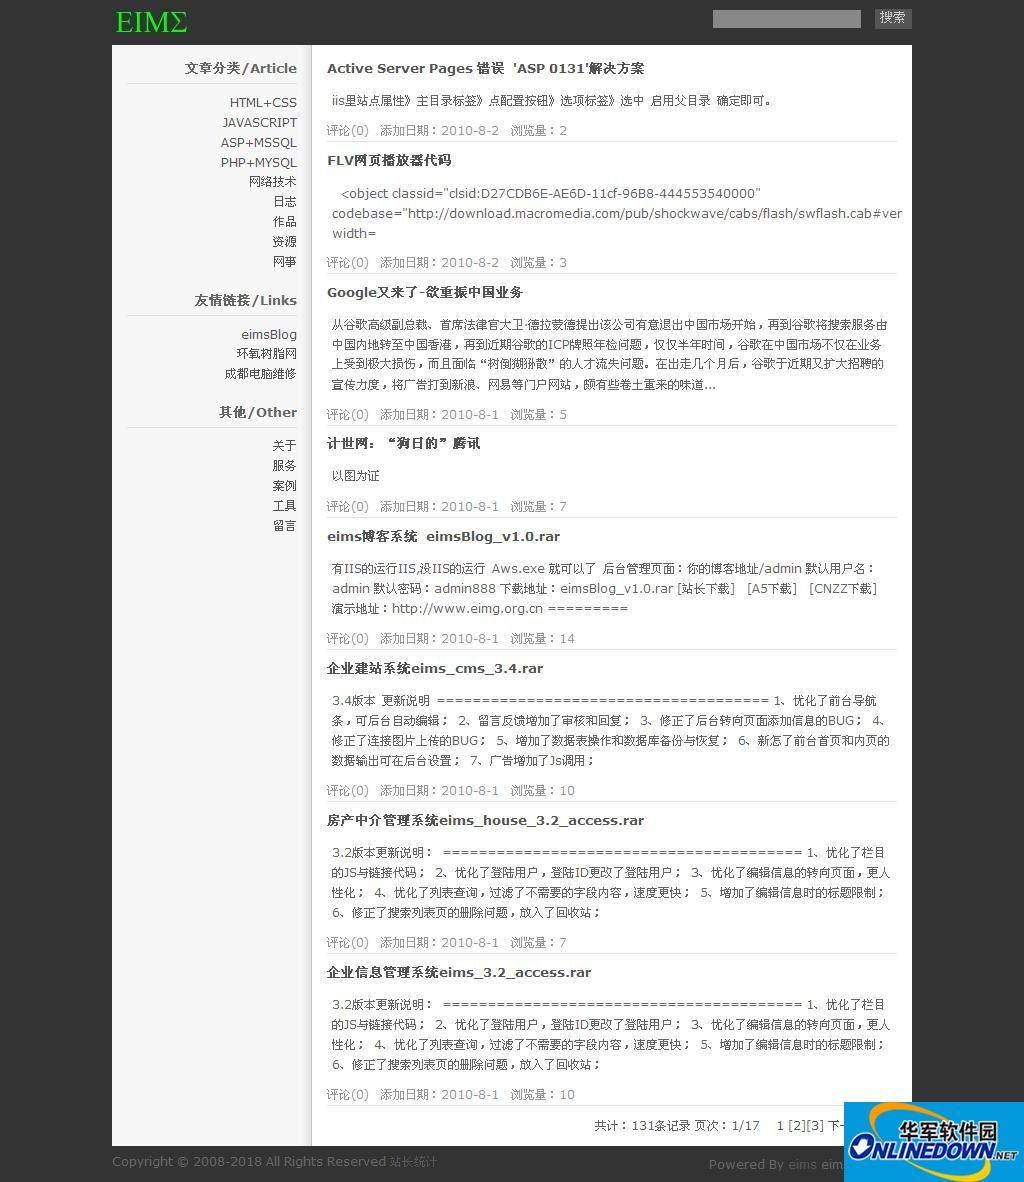 eims博客系统eimsBlog